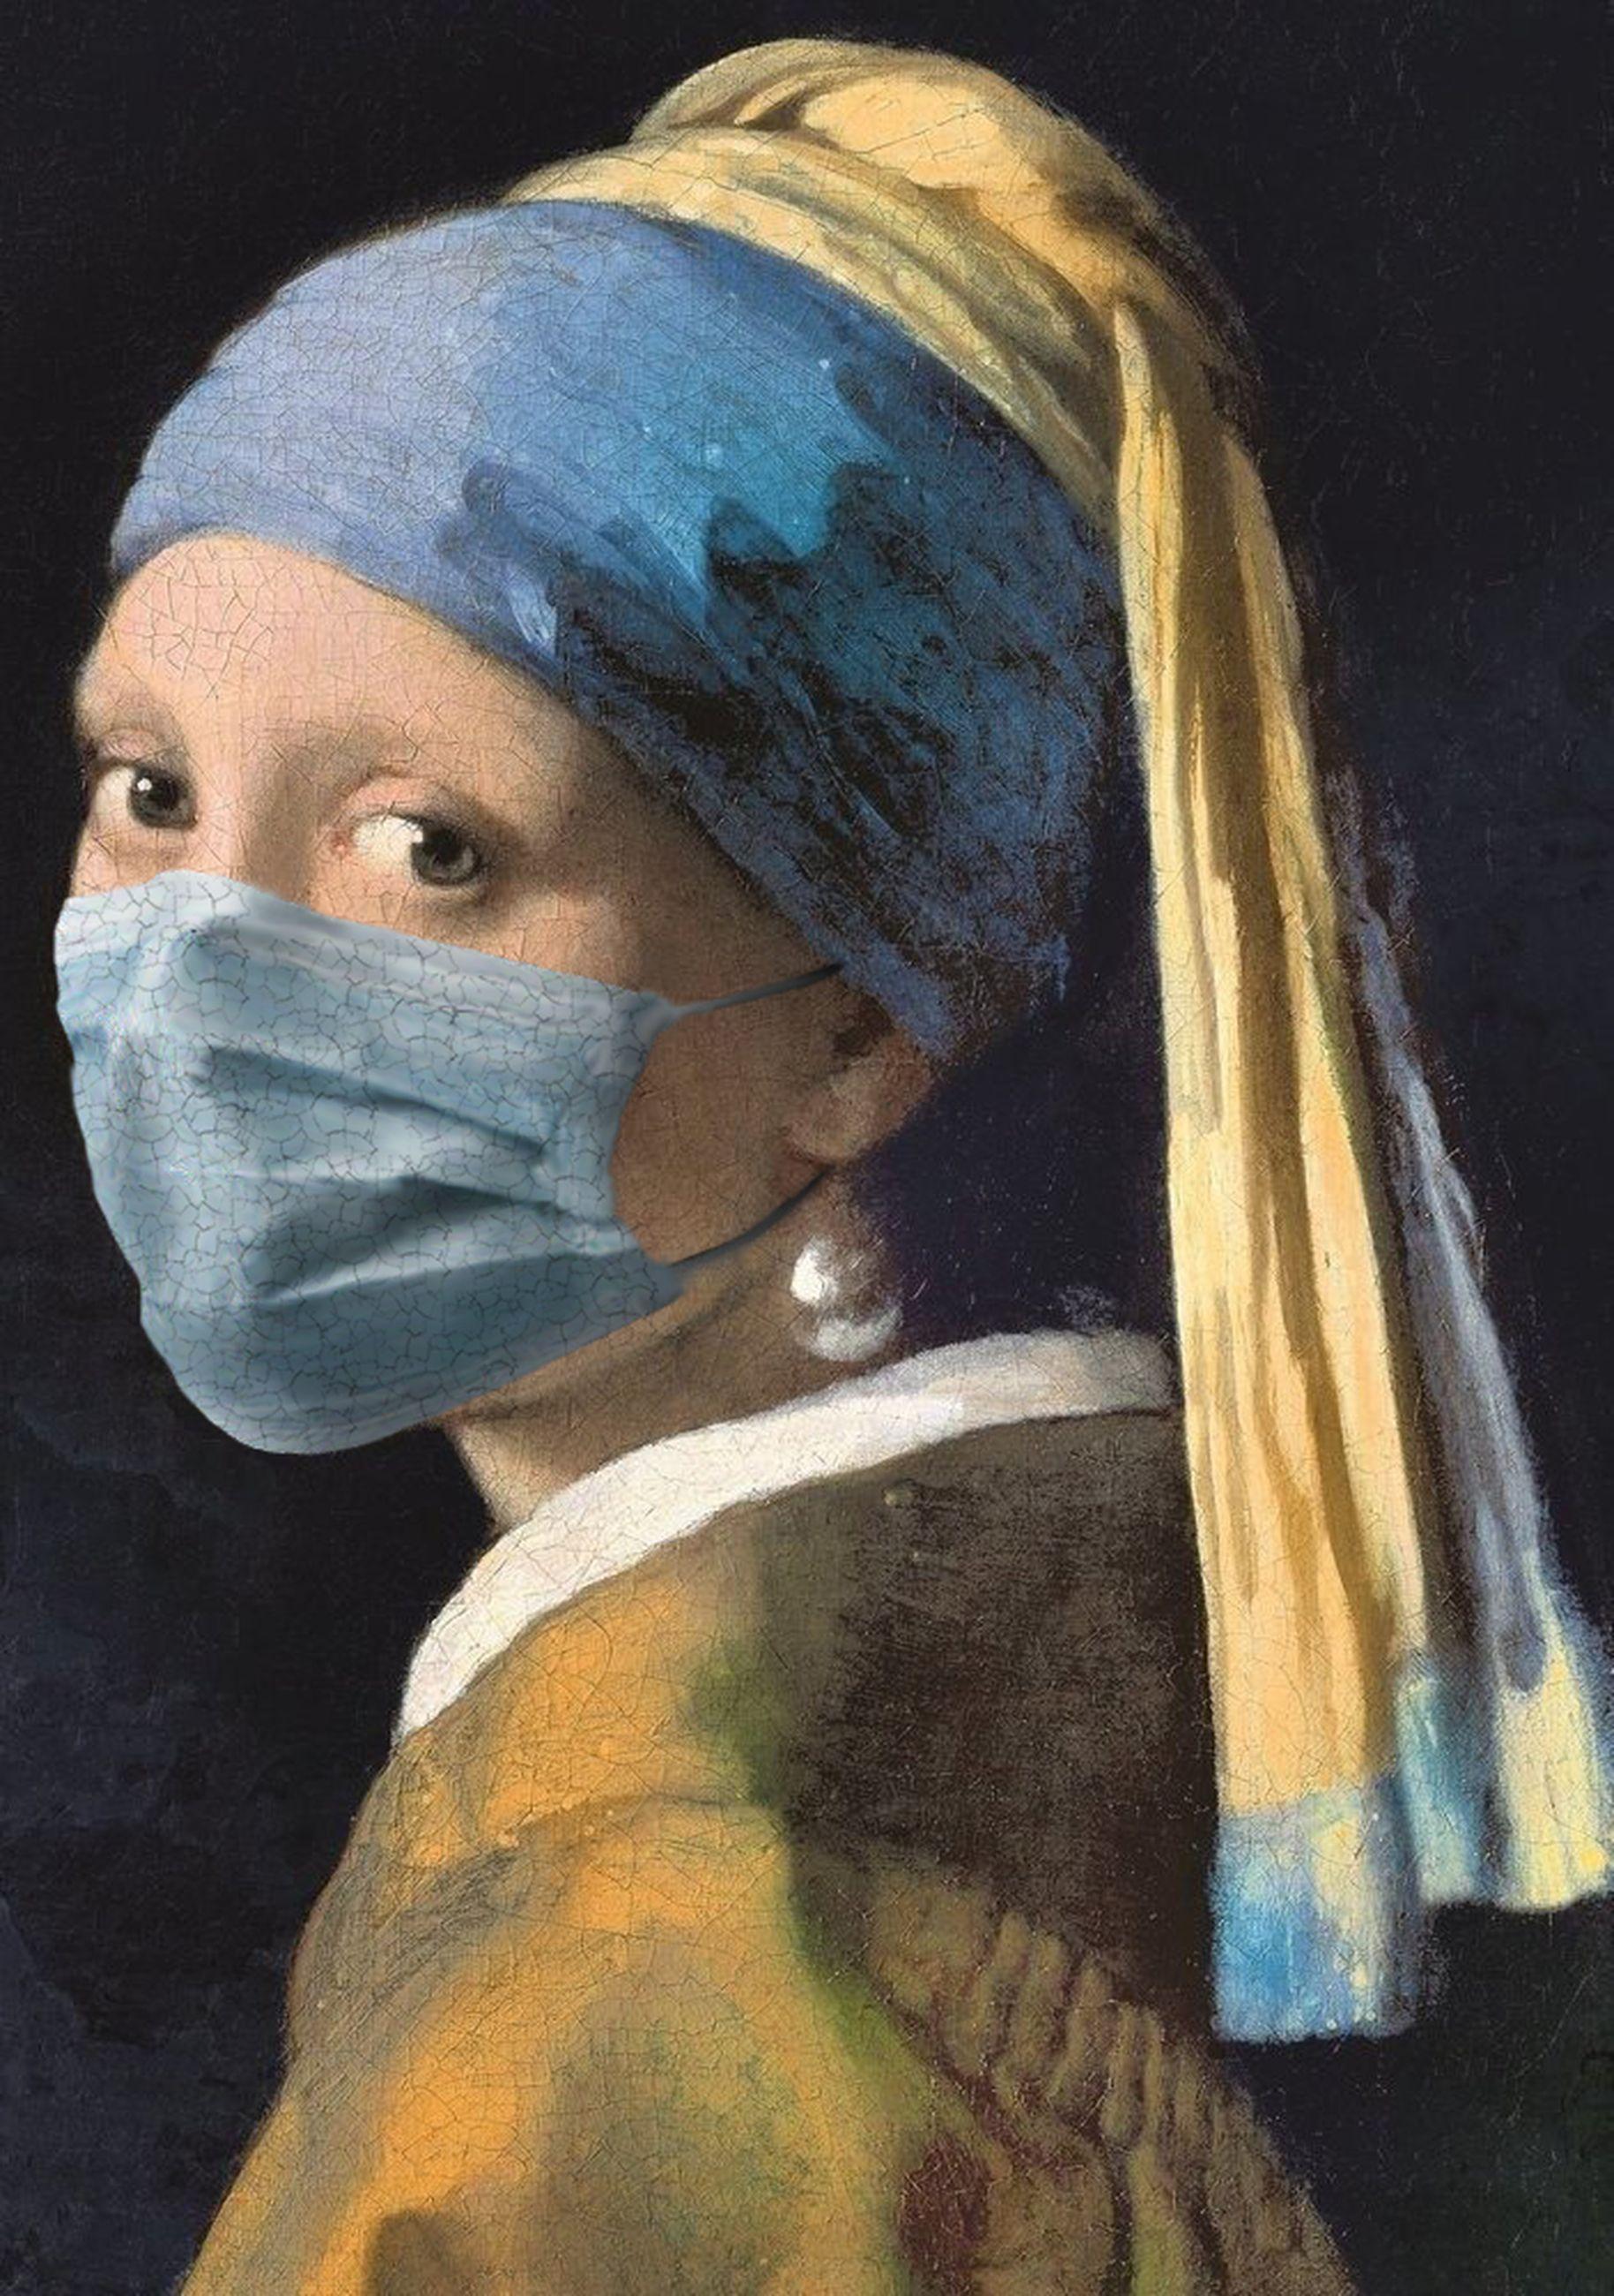 A Rapariga com o Brinco de Pérola / Johannes Vermeer/POA Estudio